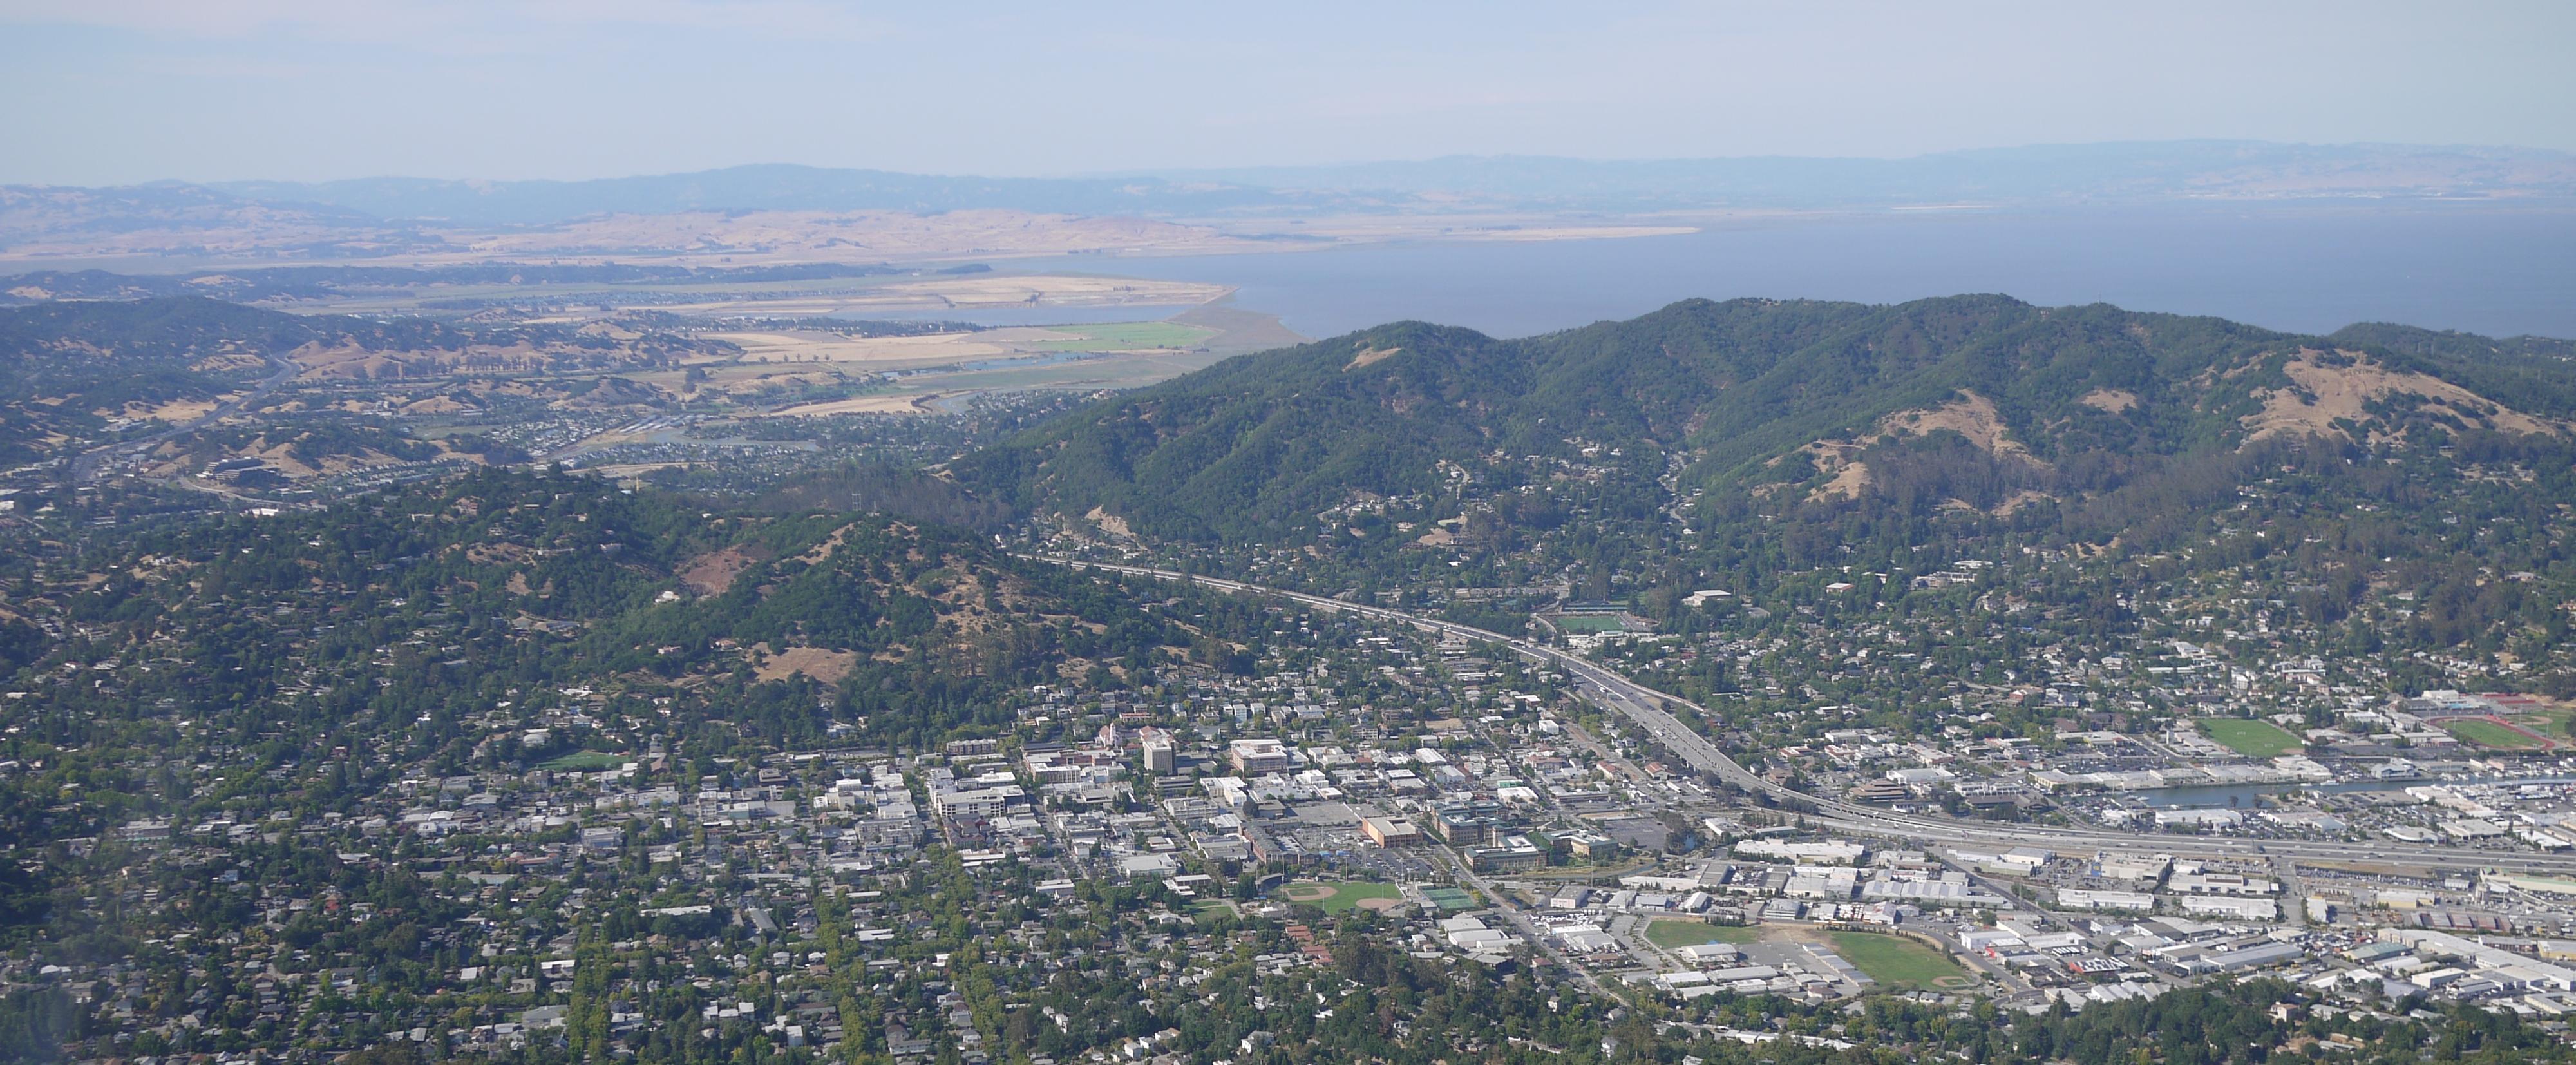 Aerial of San Rafael